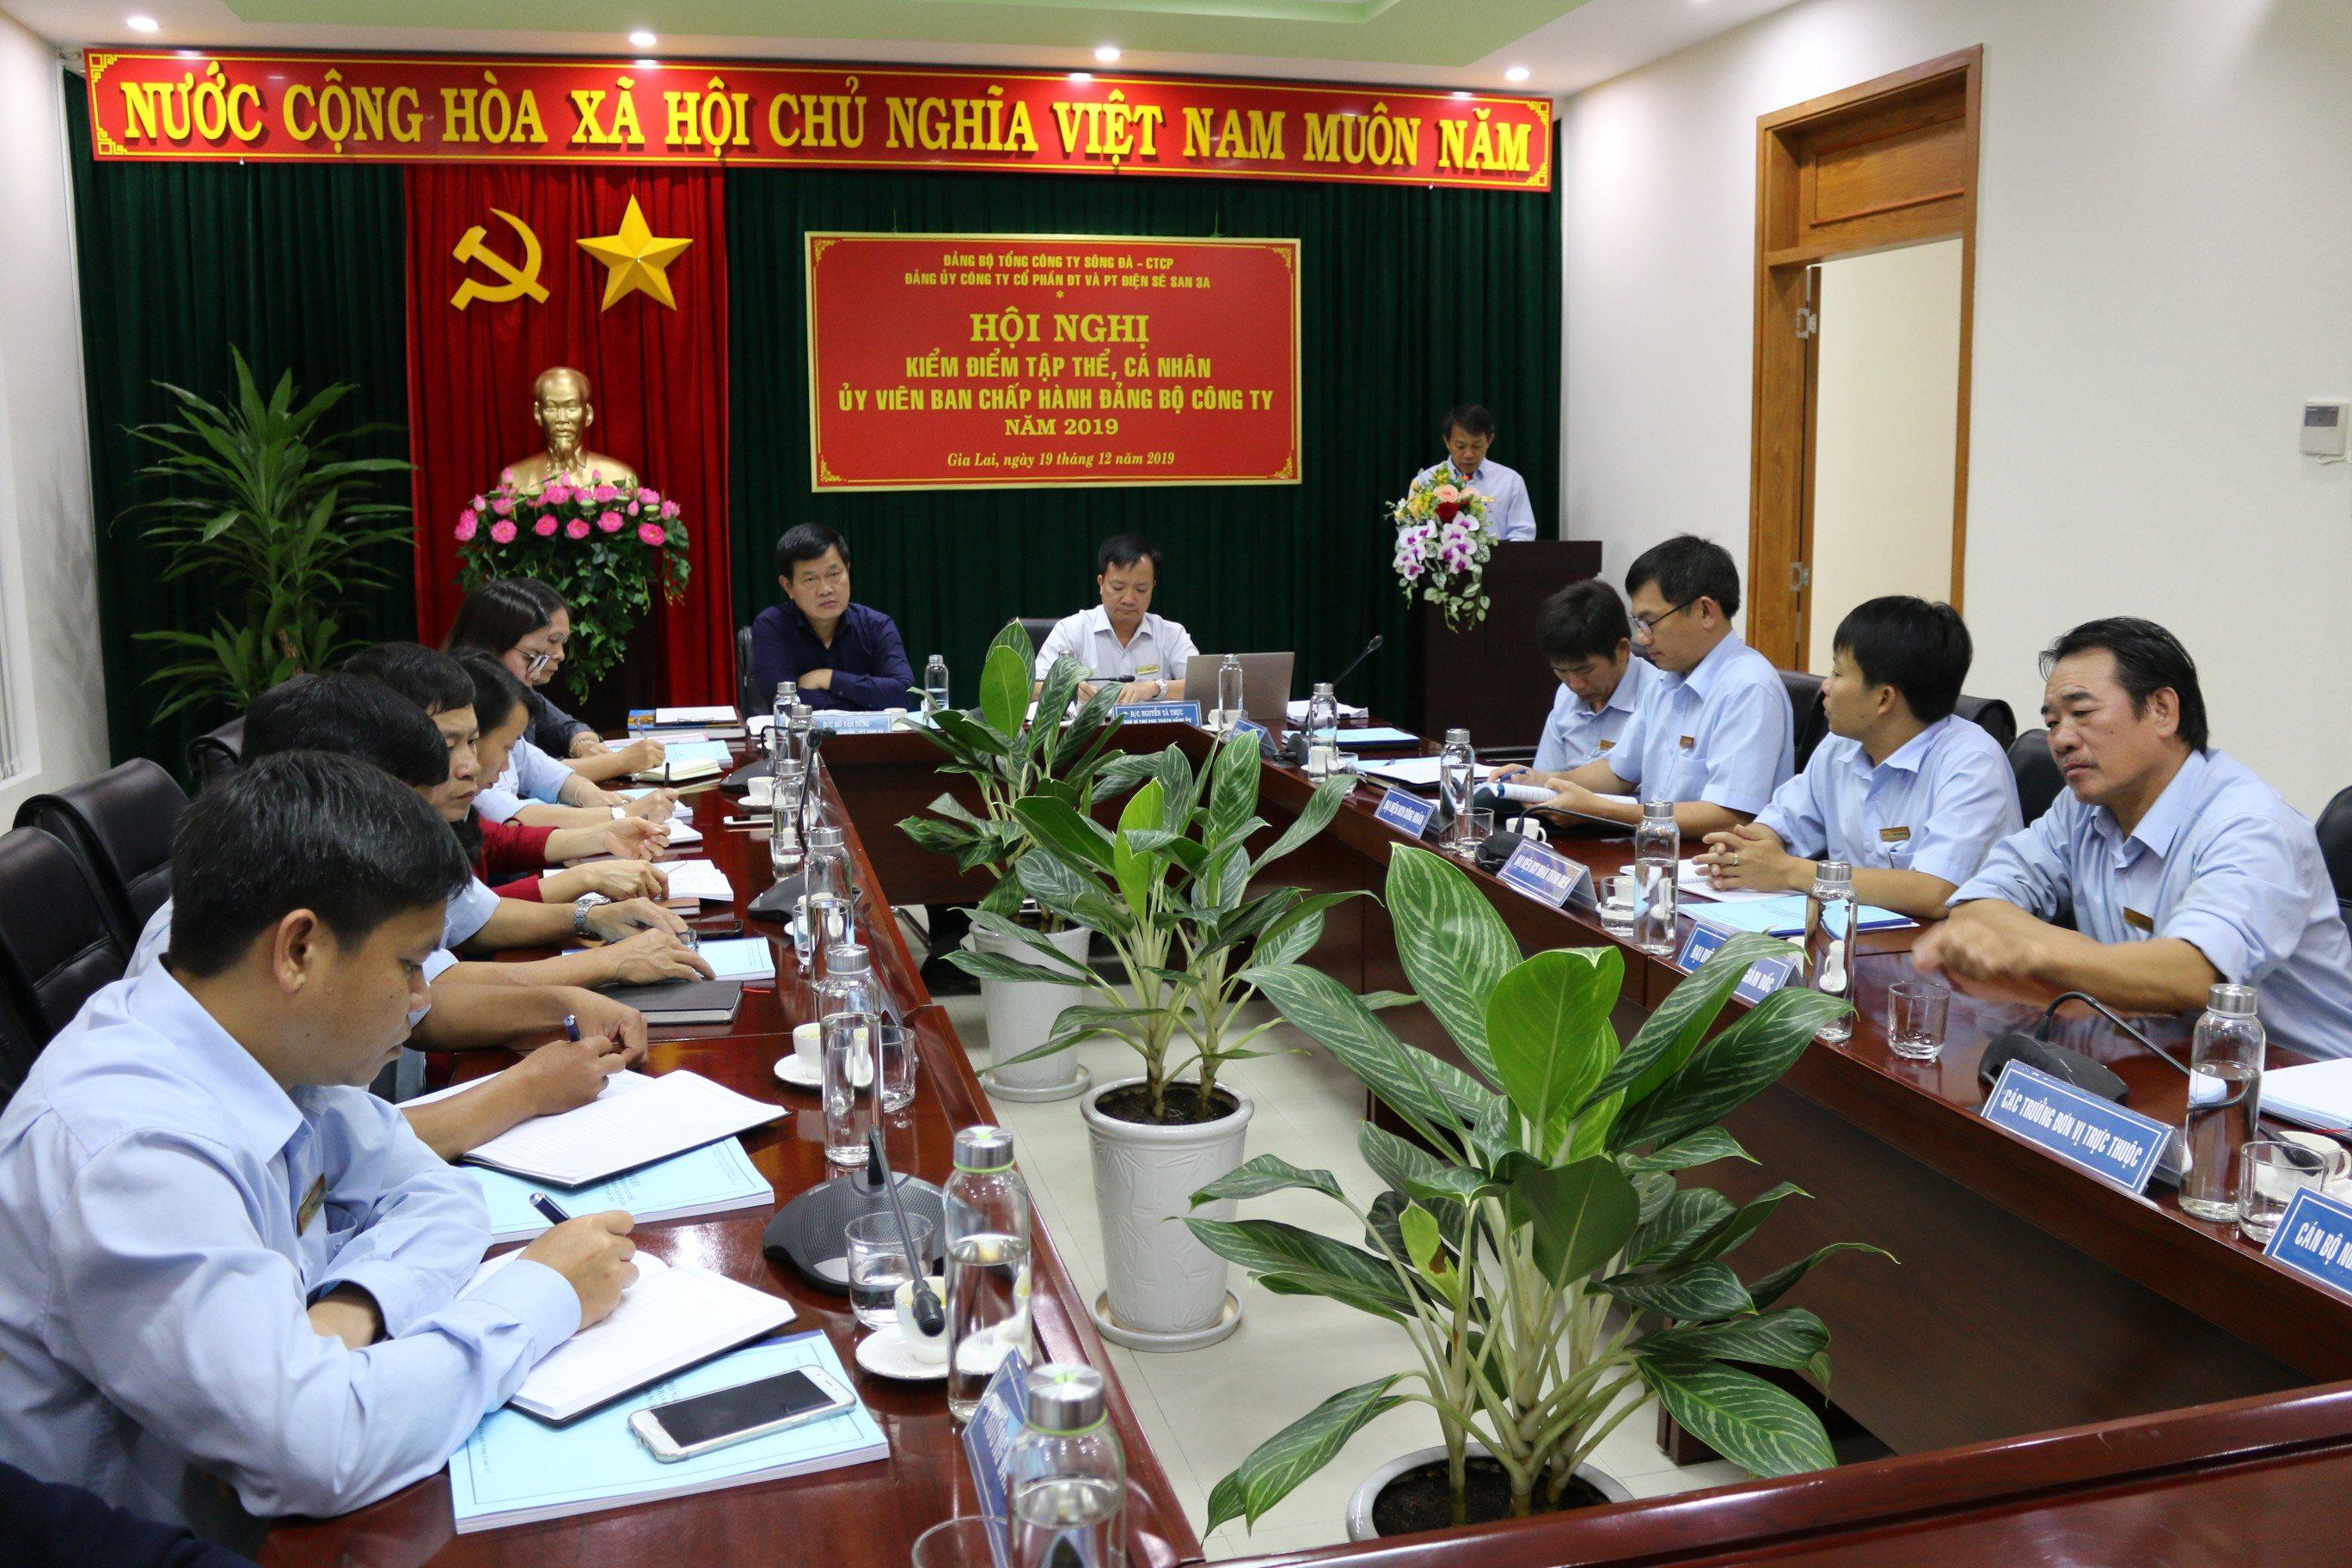 Hội nghị kiểm điểm tập thể, cá nhân Ủy viên BCH Đảng bộ Công ty năm 2019